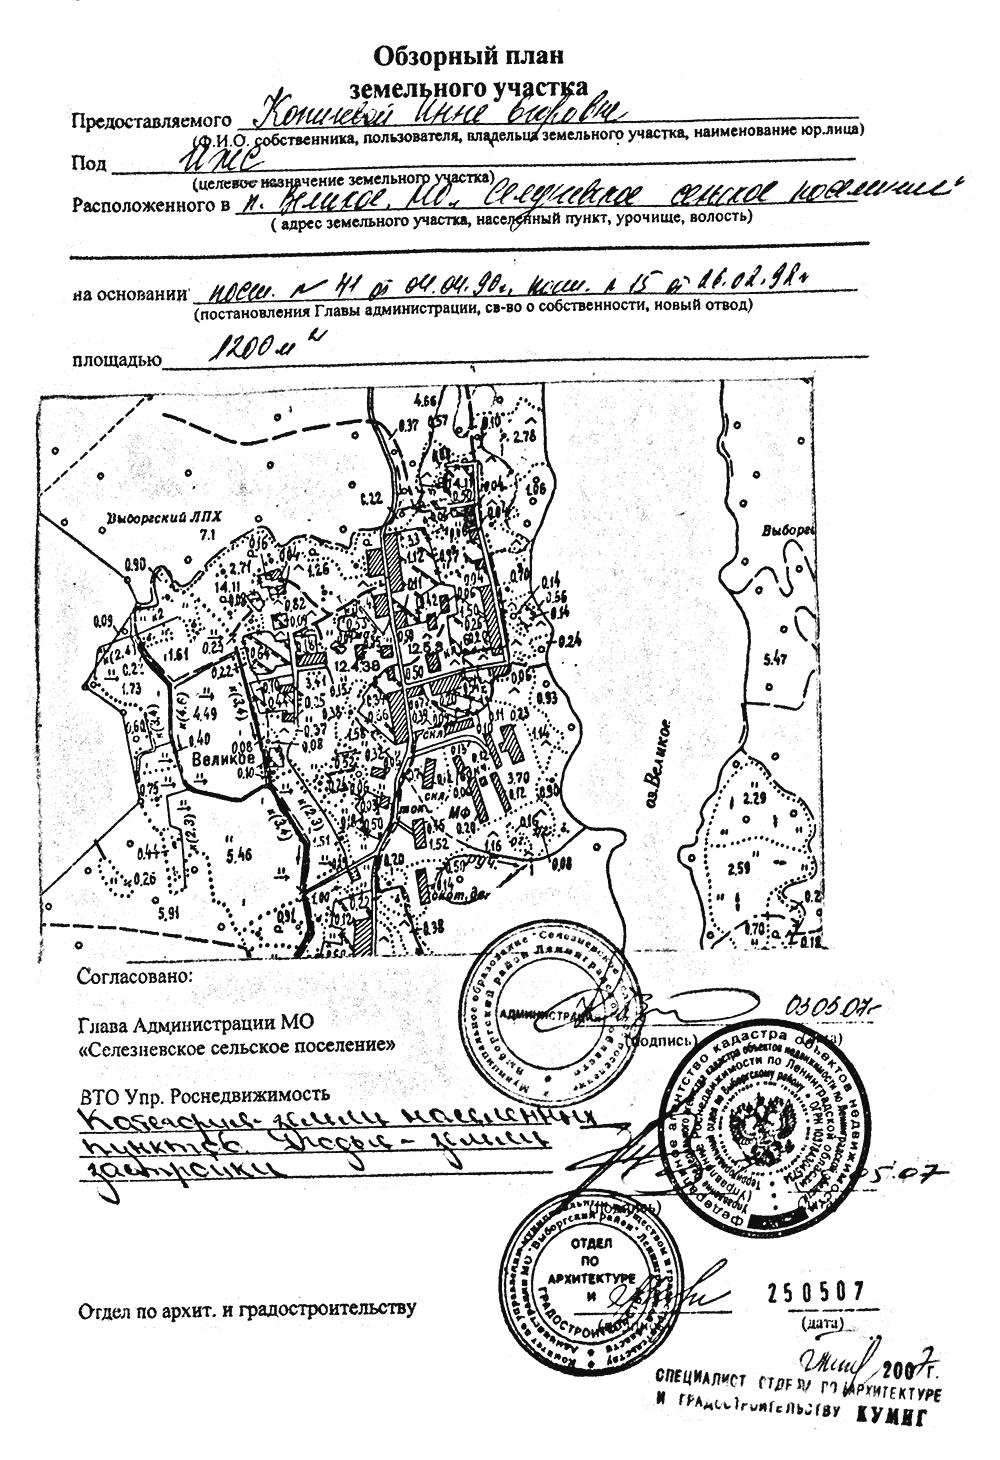 Это обзорный план земельного участка. В документе показано, где находится участок на карте поселка